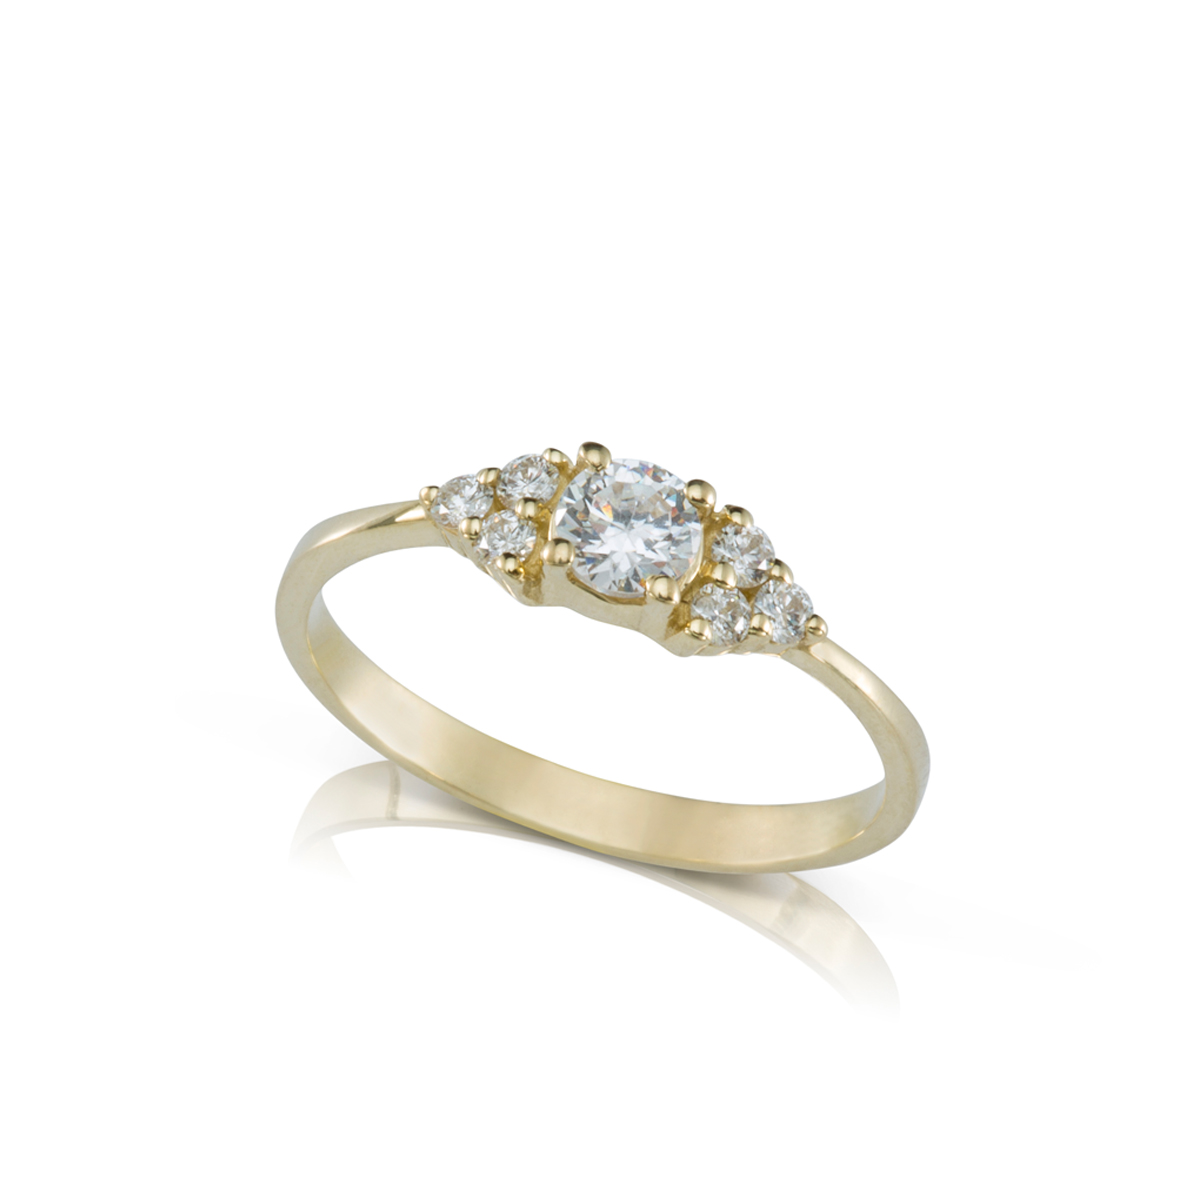 טבעת אירוסין משובצת יהלום מרכזי 0.30ct  ו-6 יהלומים צדדים